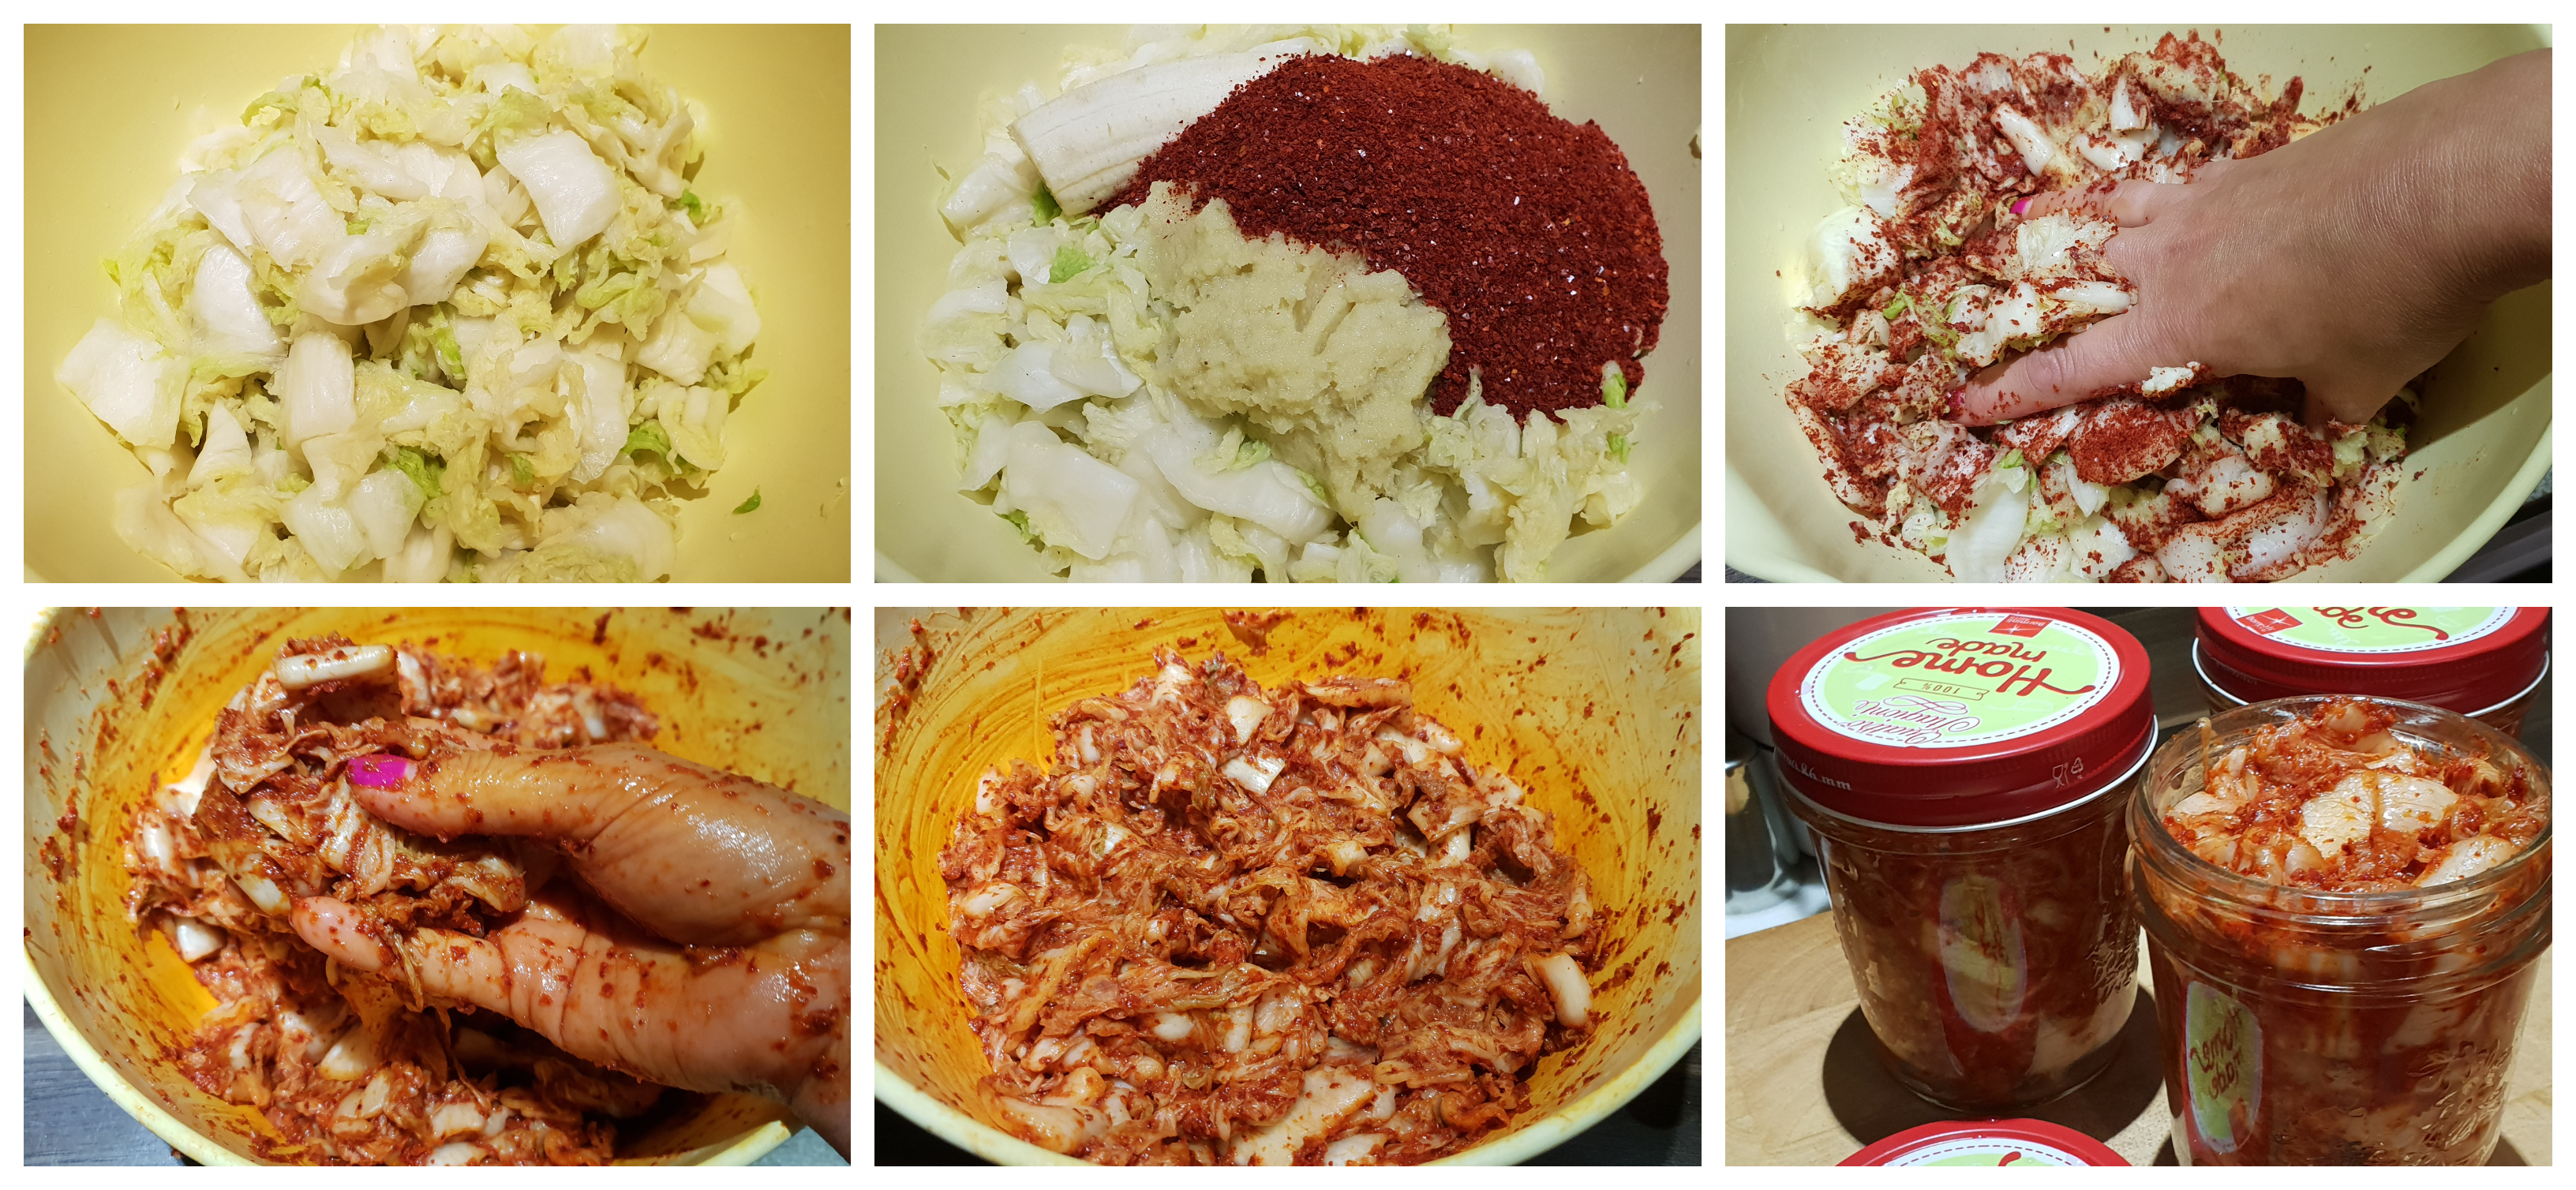 De kruiden in de kool kneden voor Kimchi